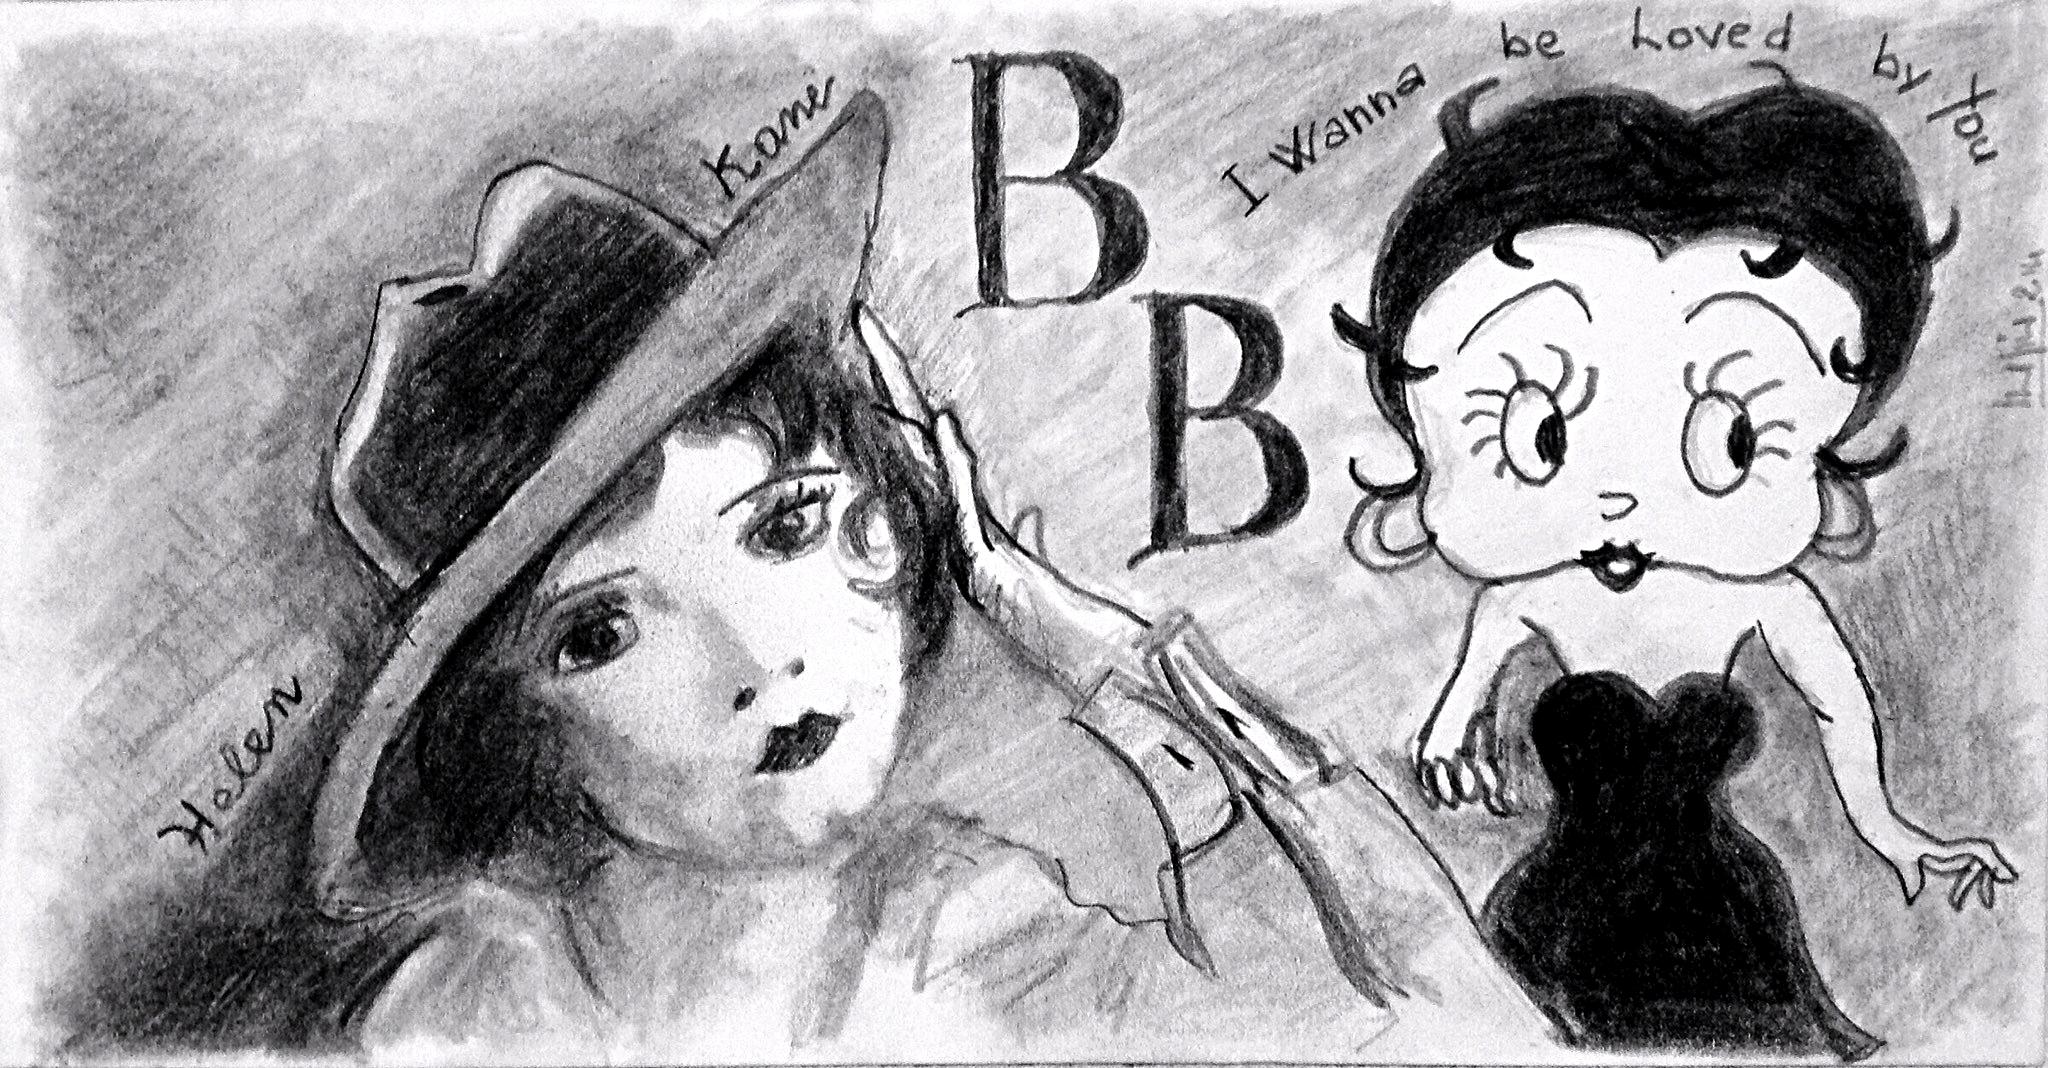 Betty Boop / Helen Krane